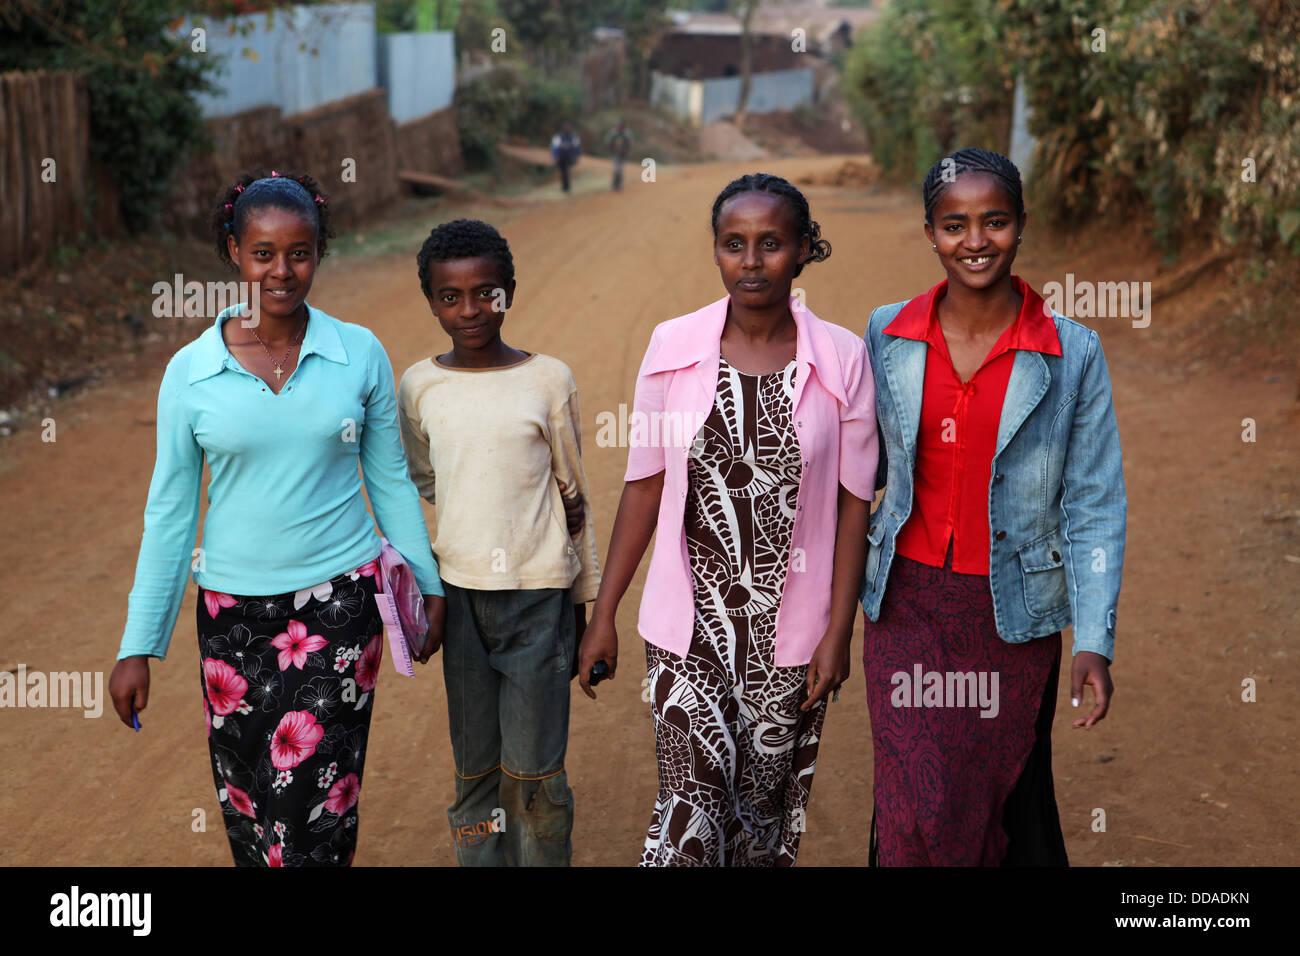 La vita quotidiana in Amboa, Etiopia occidentale. Immagini Stock